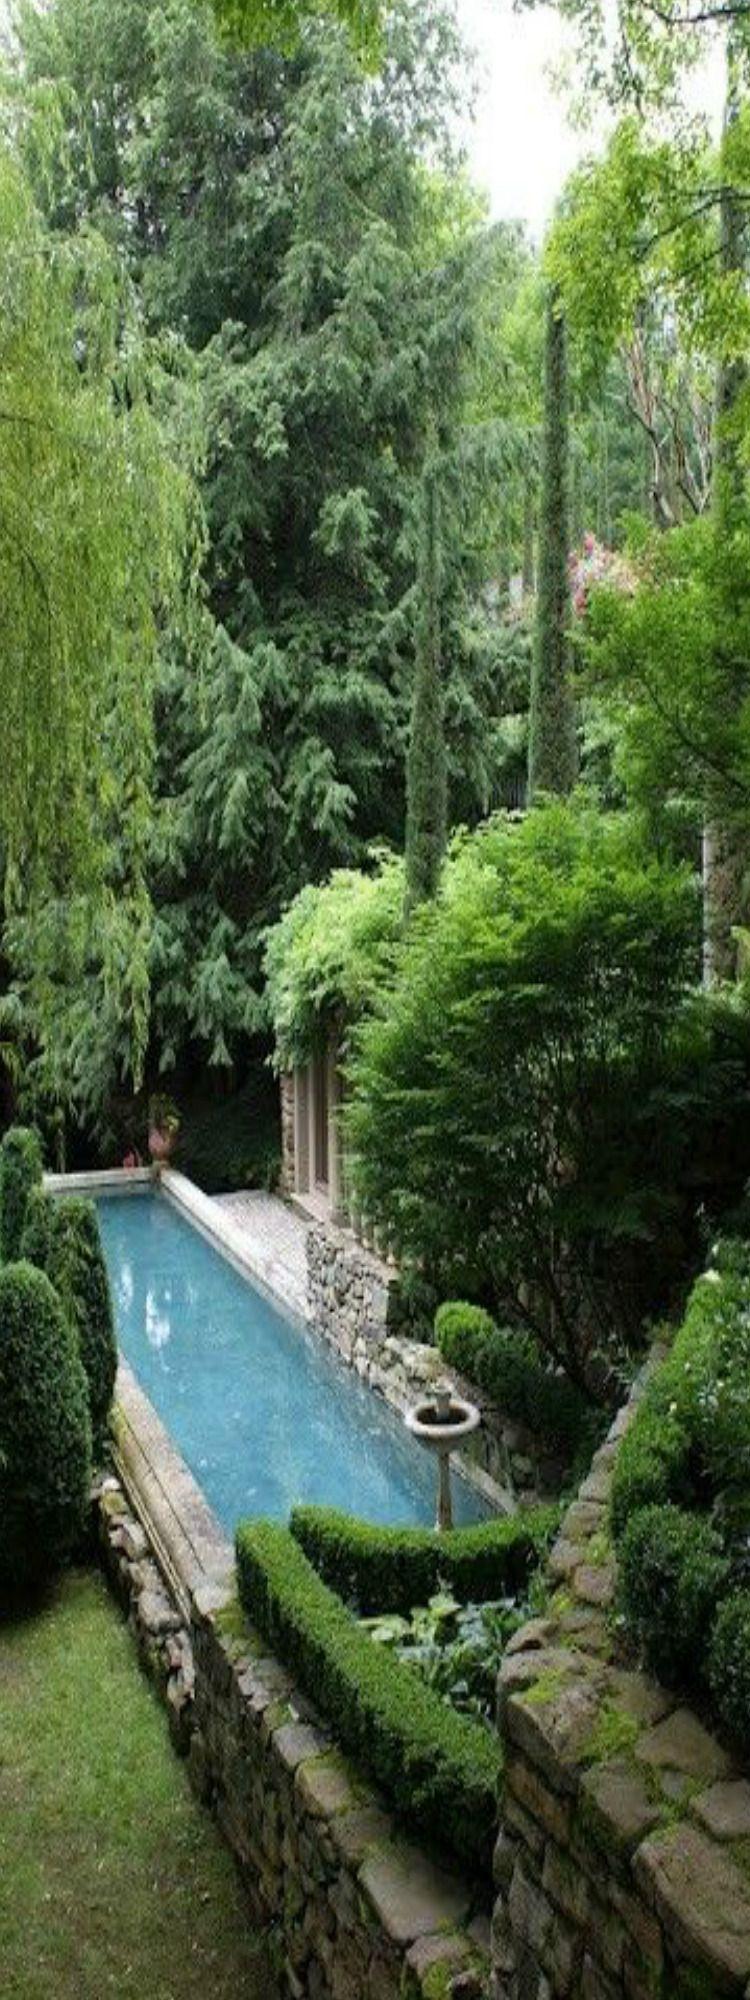 pin von liveyourdreams auf outdoor living pinterest garten pool im garten und garten ideen. Black Bedroom Furniture Sets. Home Design Ideas